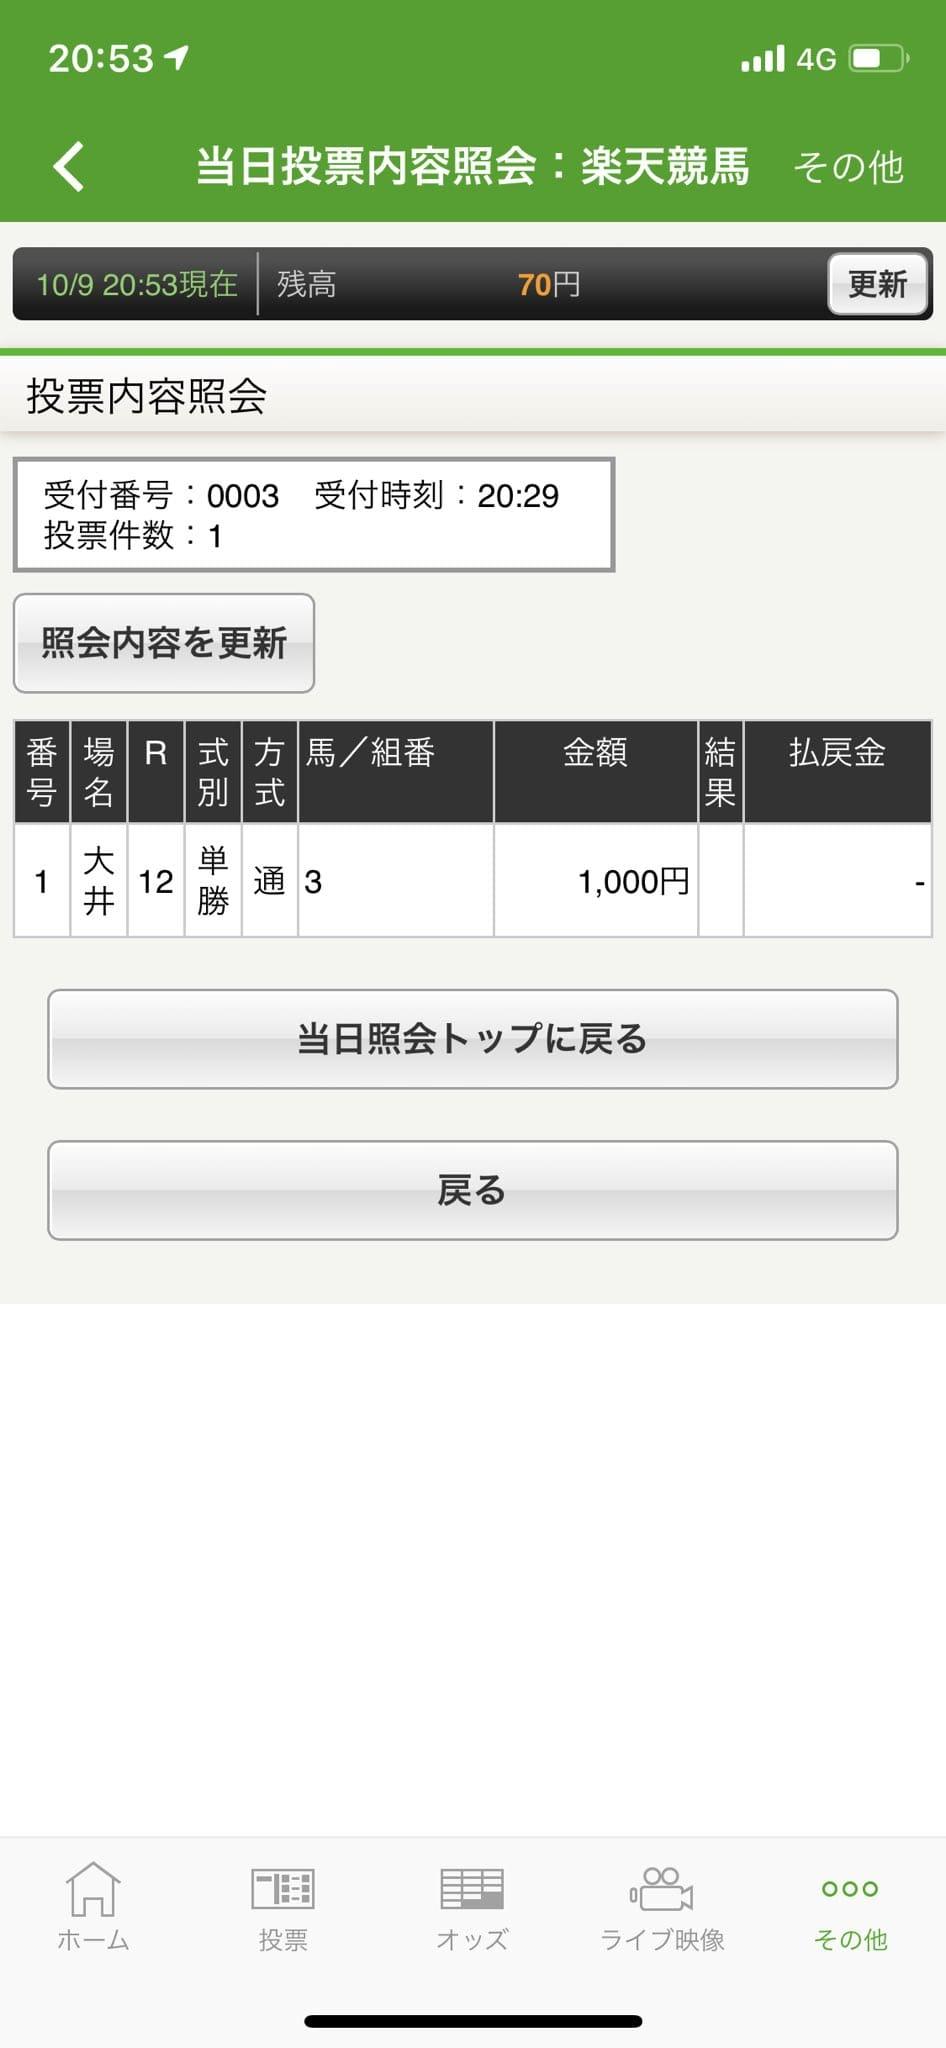 大井競馬 スマートフォン